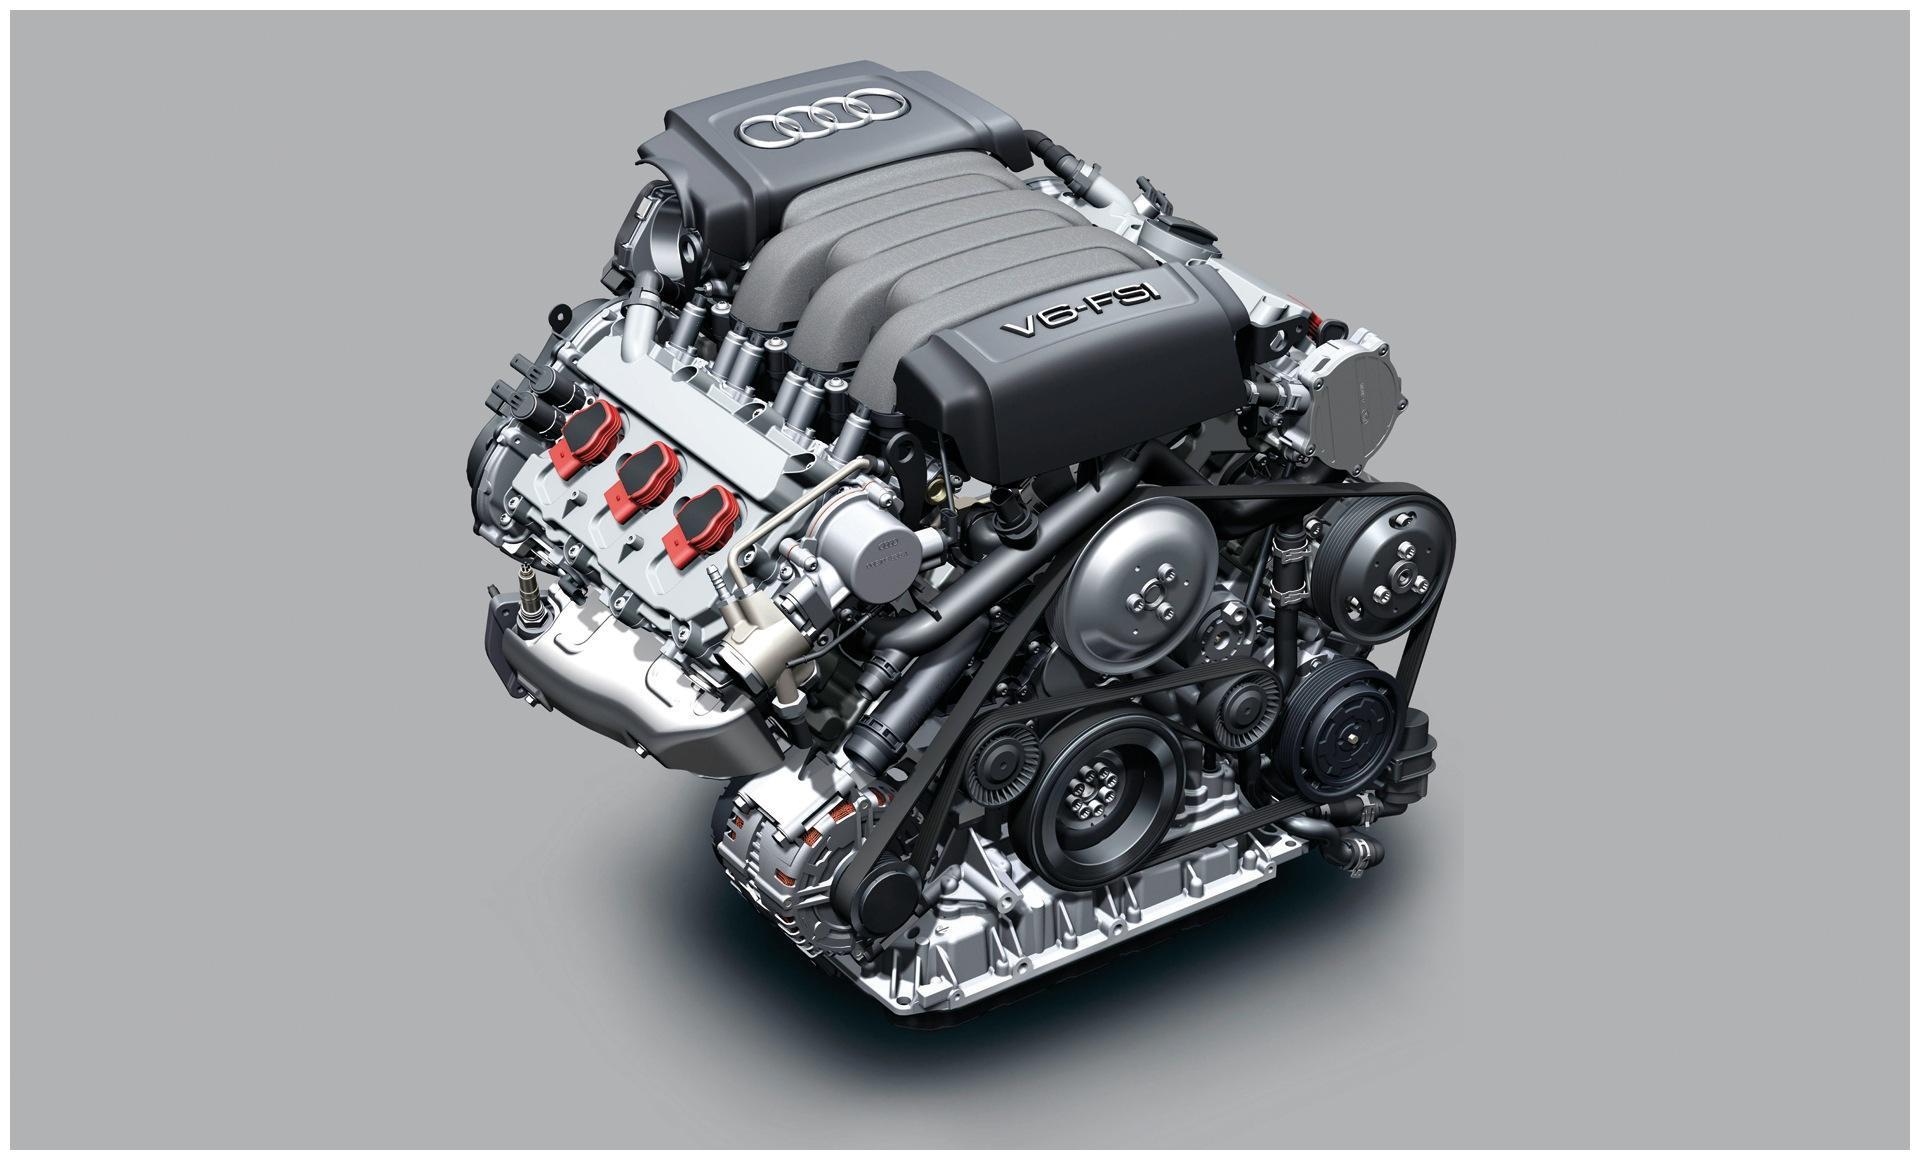 买车选涡轮增压还是自然吸气?堵一次车就明白,幸亏没选错